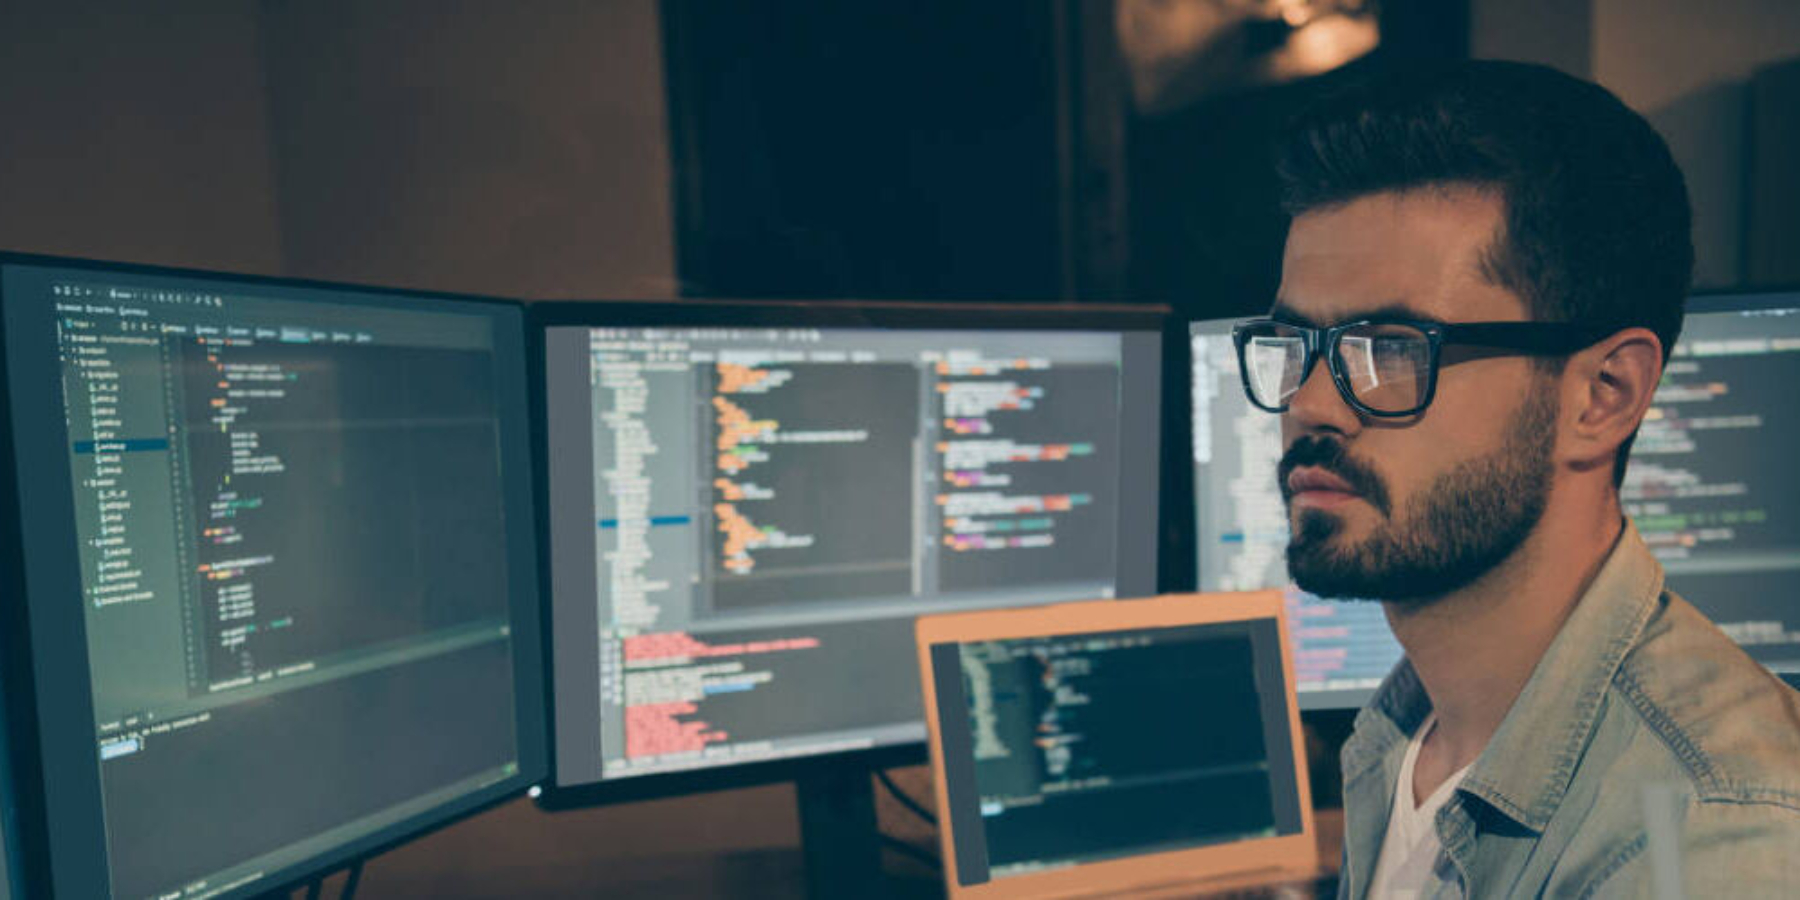 Jak pomóc firmom wznalezieniu dobrego specjalisty? Jak wyglądają szczeble rekrutacji wbranży IT?